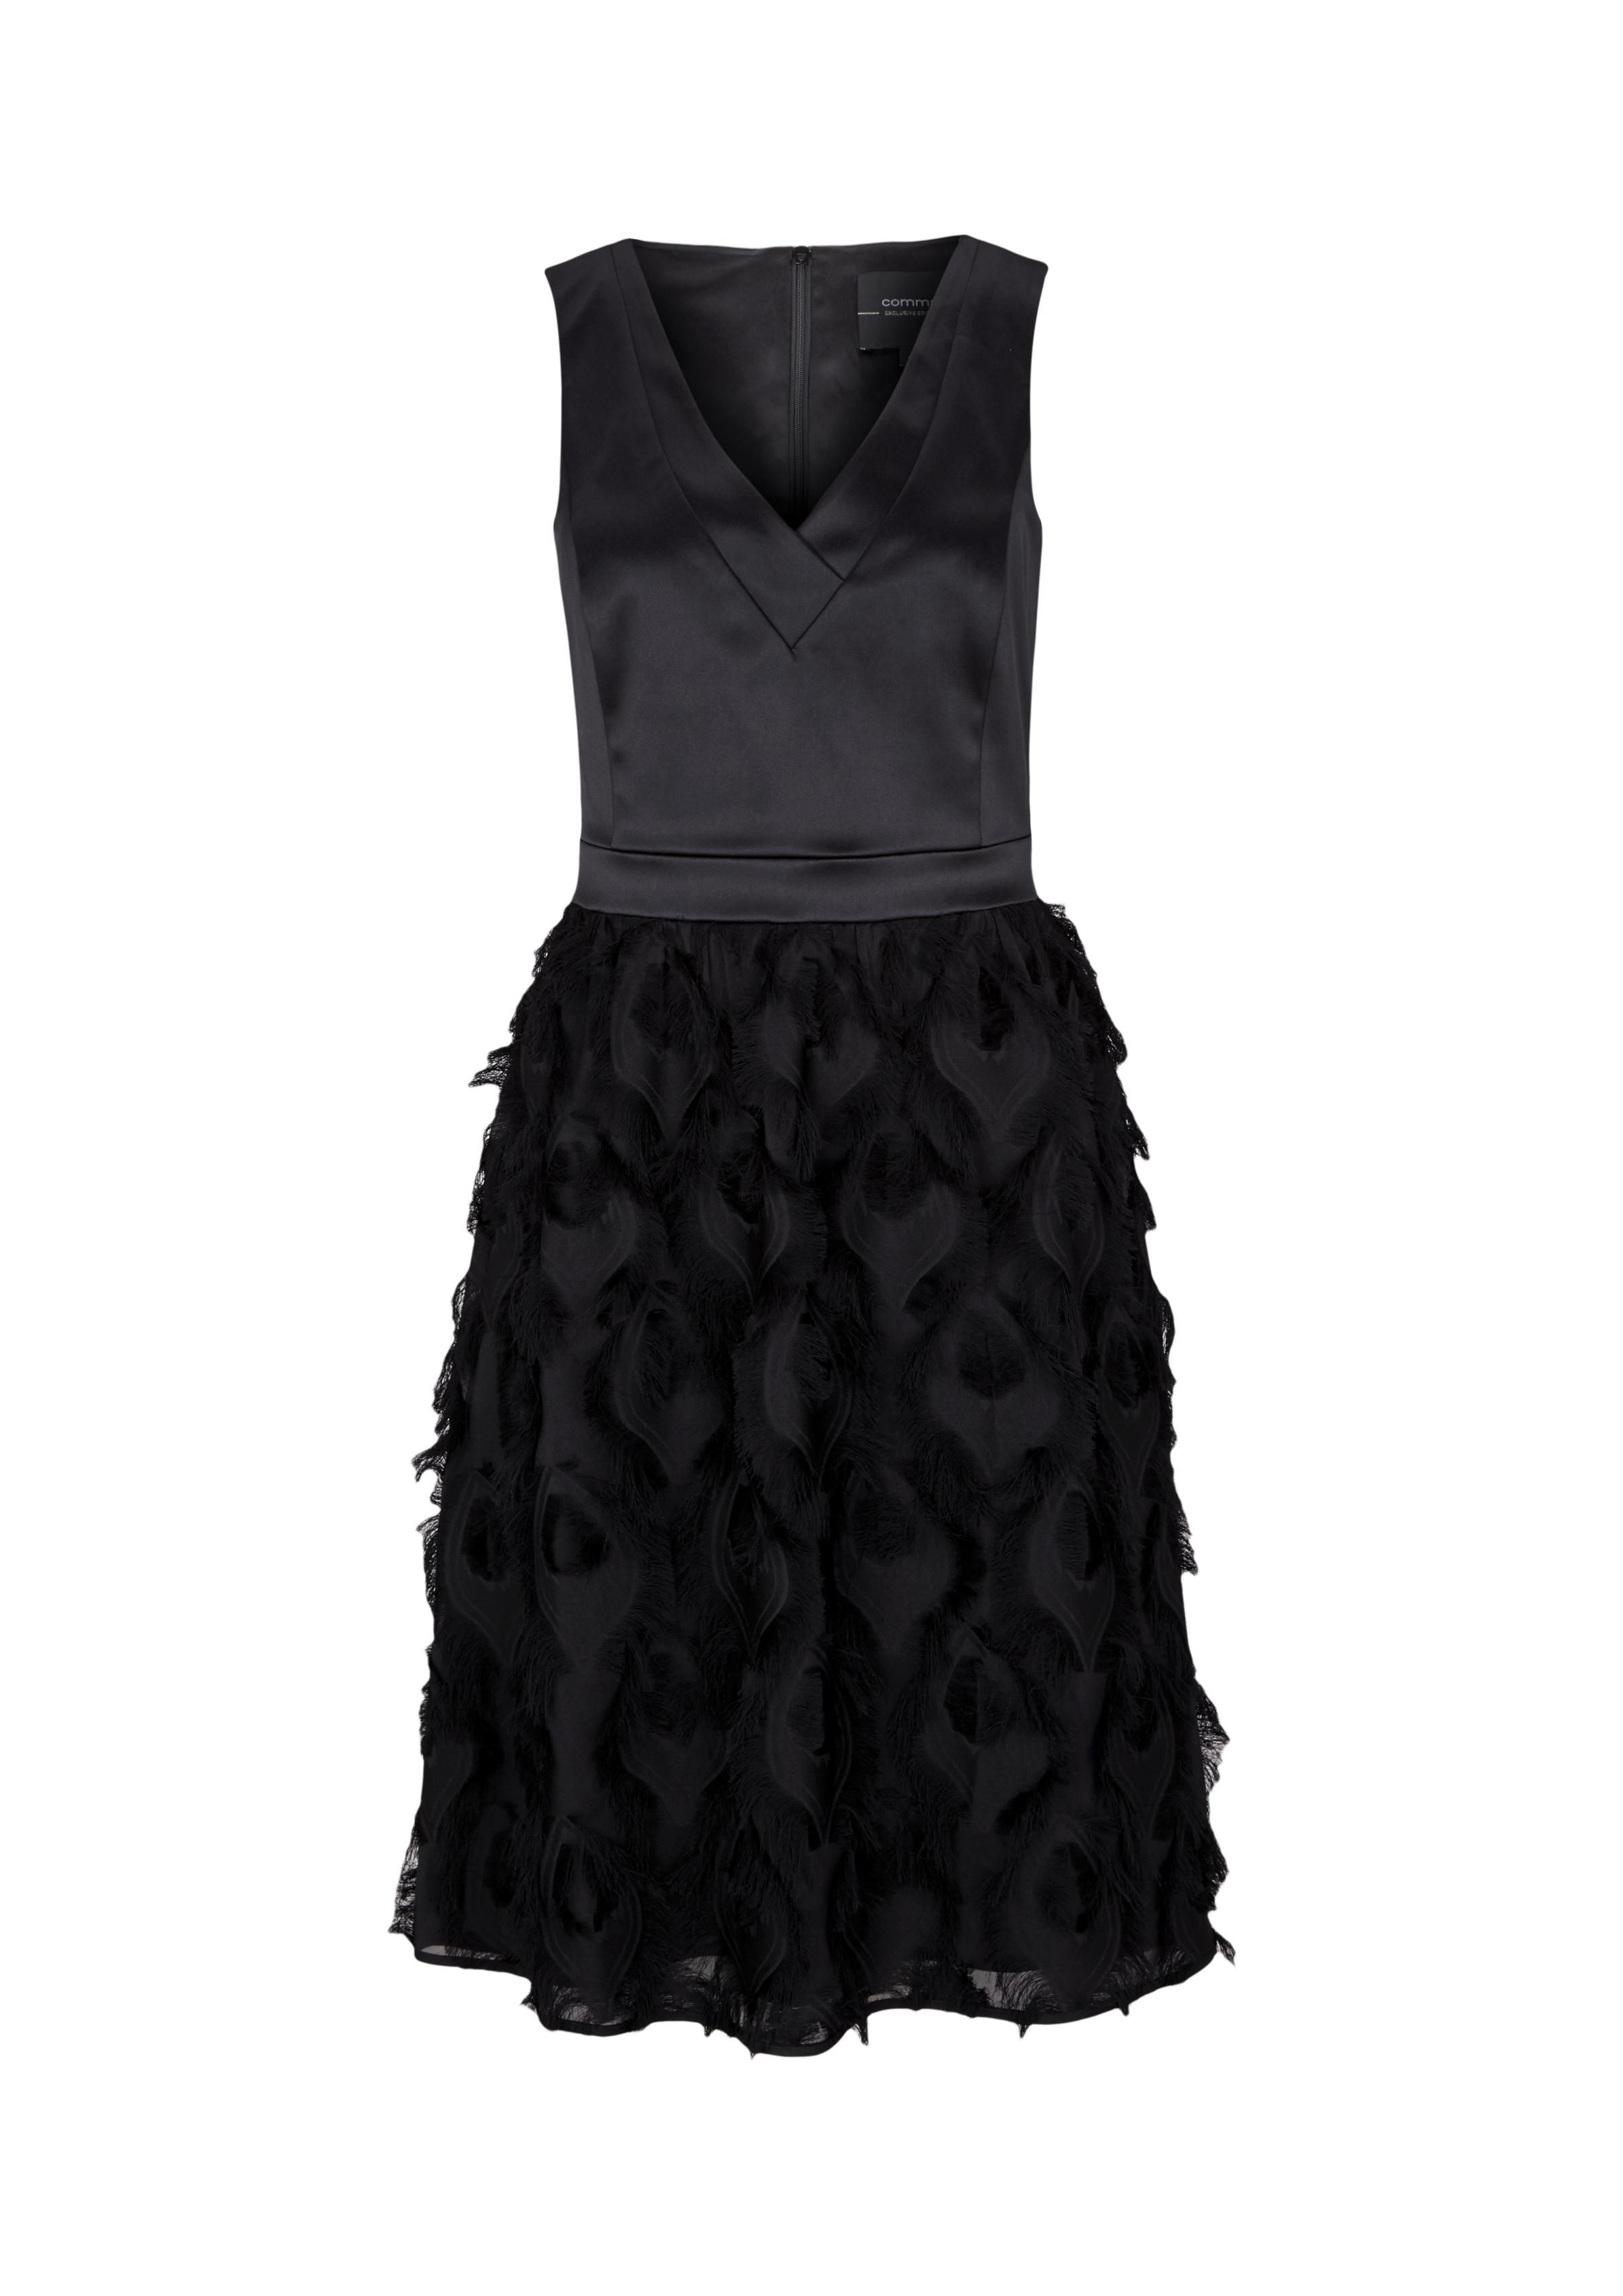 Abendkleid | Bekleidung > Kleider > Abendkleider | Grau/schwarz | 100% polyester| futter: 100% polyester | comma